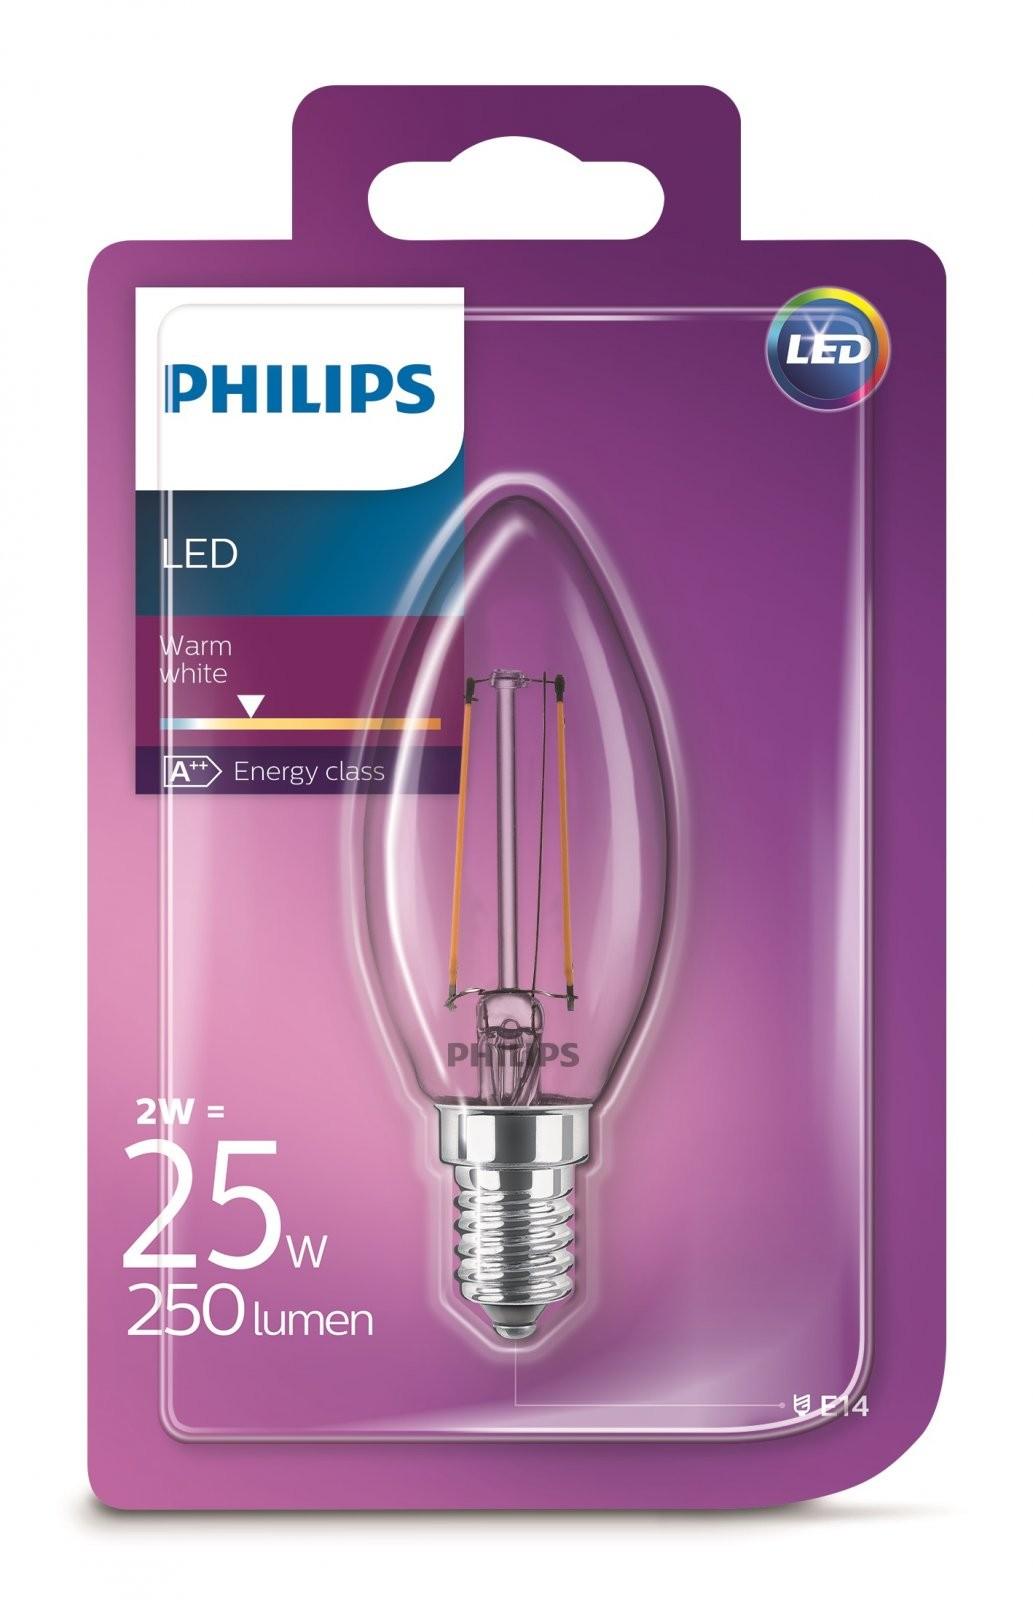 Philips 101383251 LED žárovka Classic 1x2W E14 2700K Philips LED žárovka ve tvaru svíčky E14 / 2 W (250 lm) teplá bílá 57385300